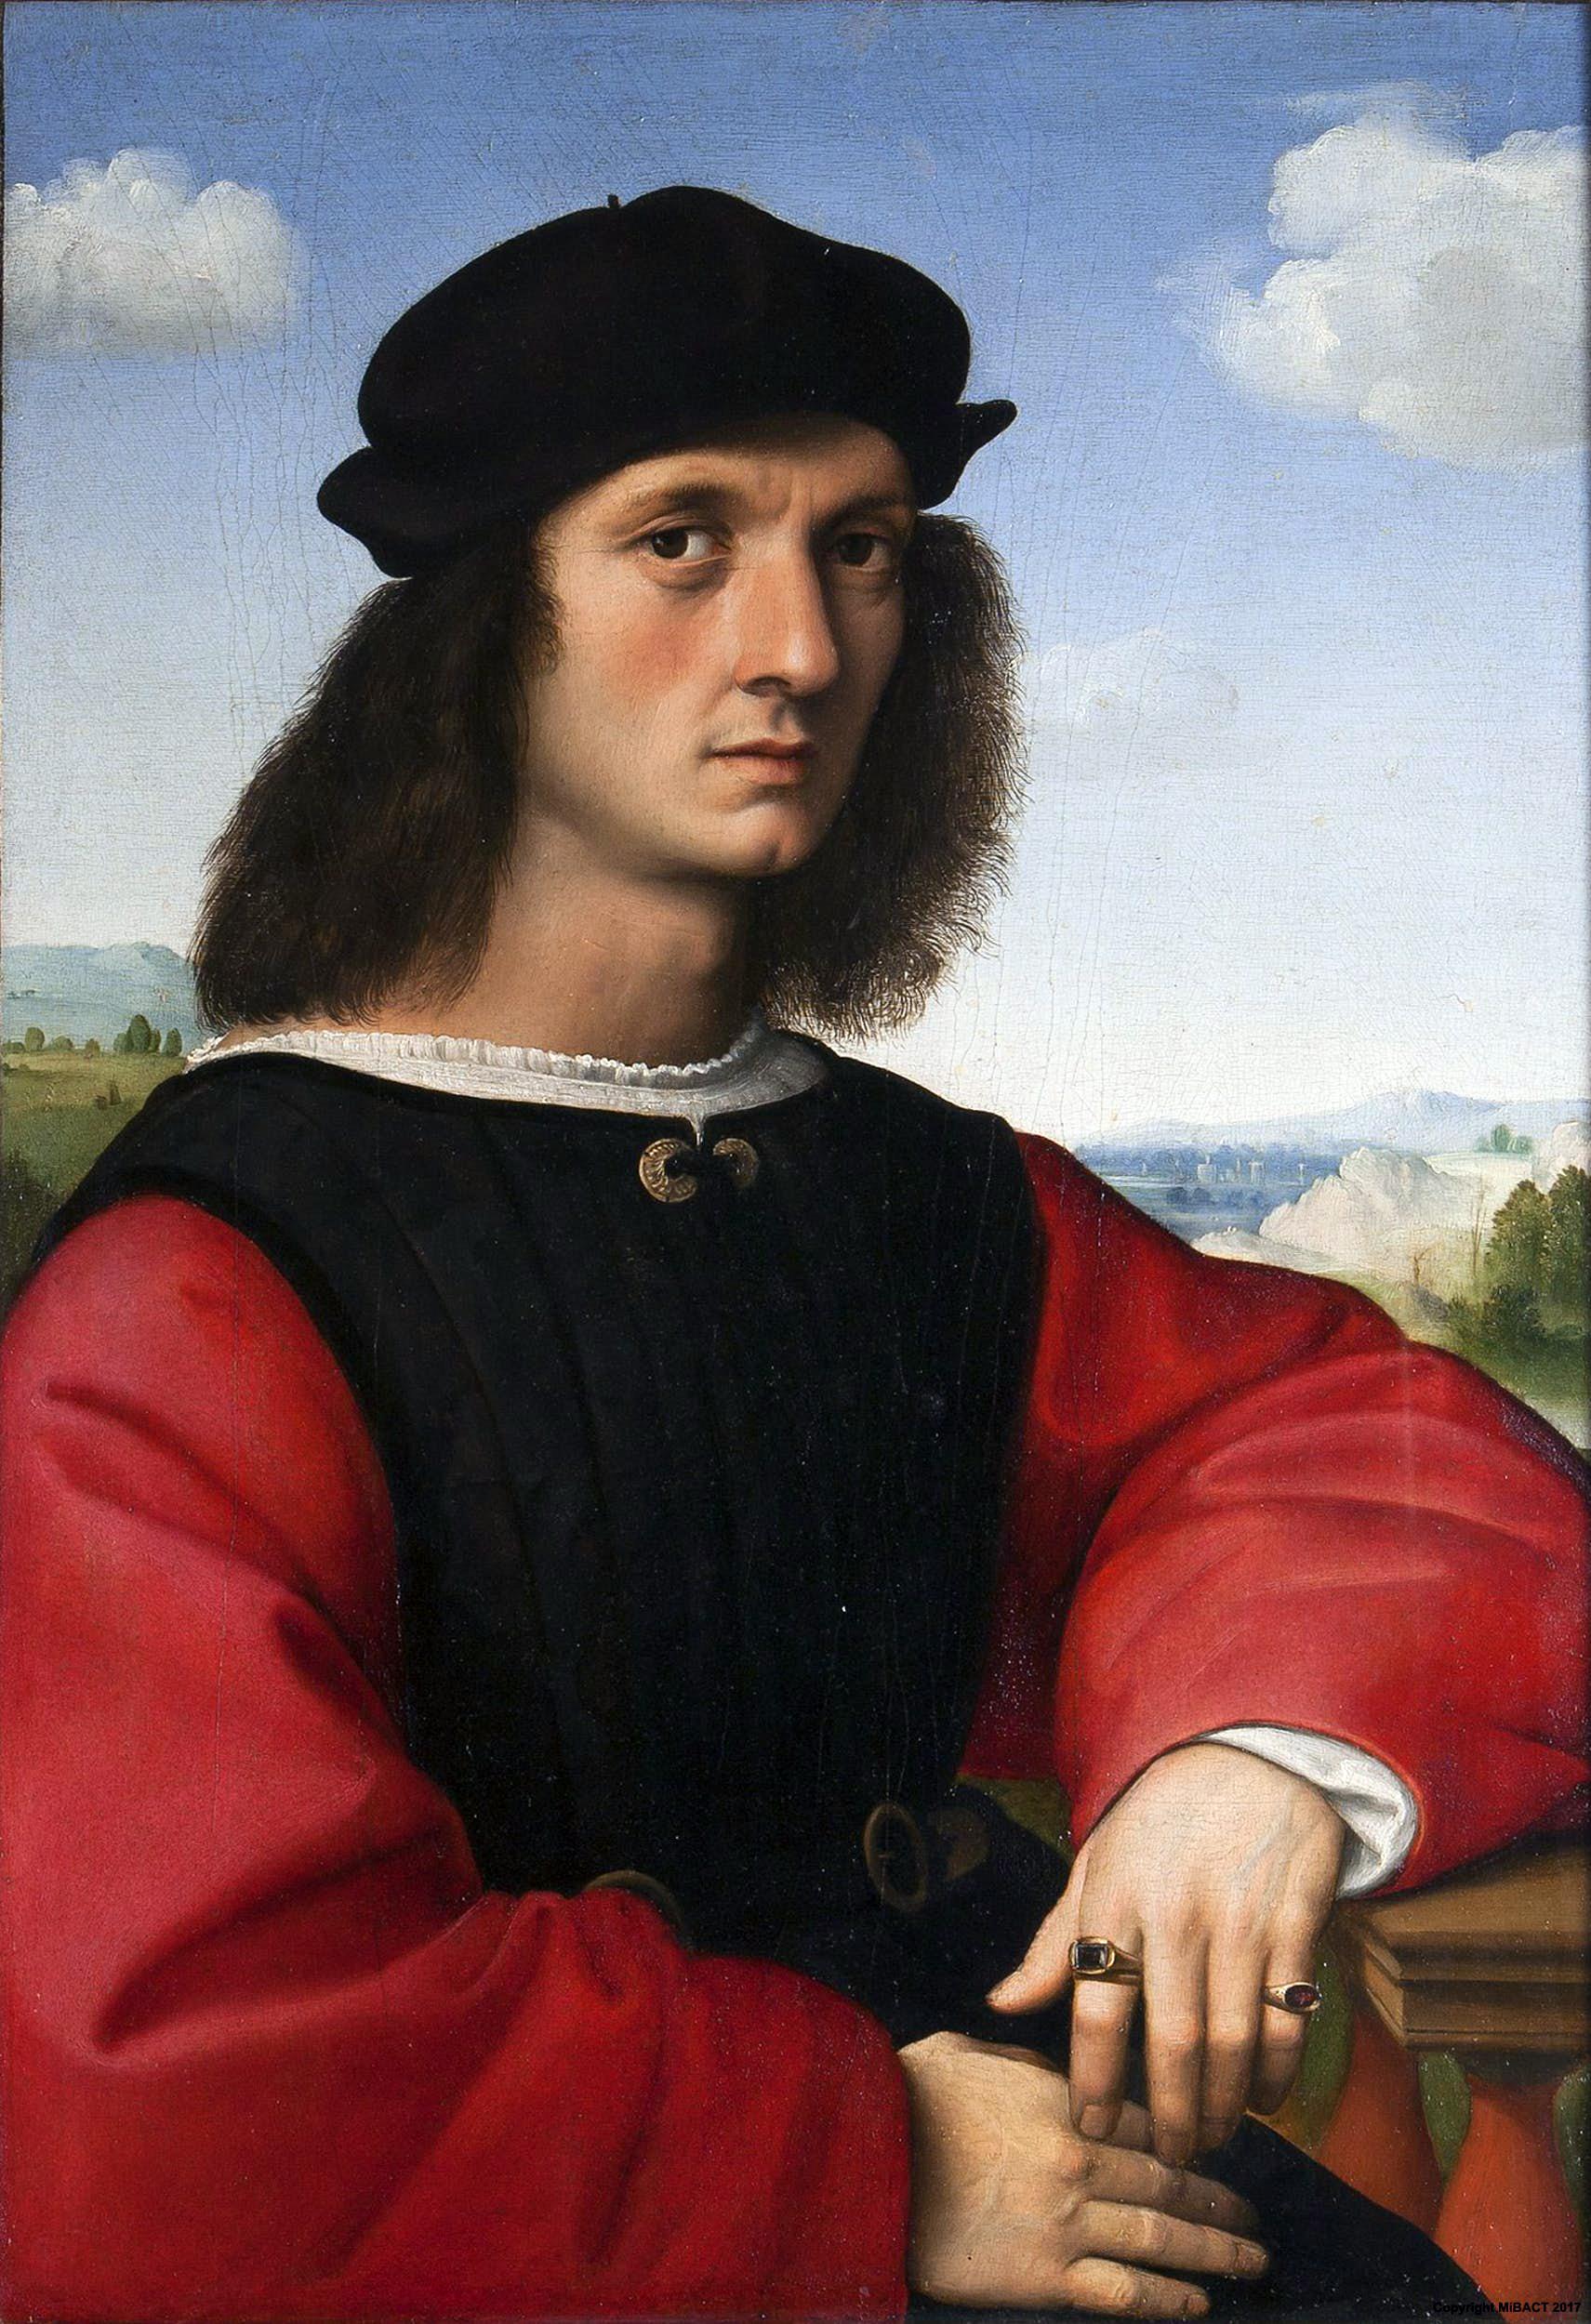 File:Ritratto di agnolo doni.jpg - Wikipedia